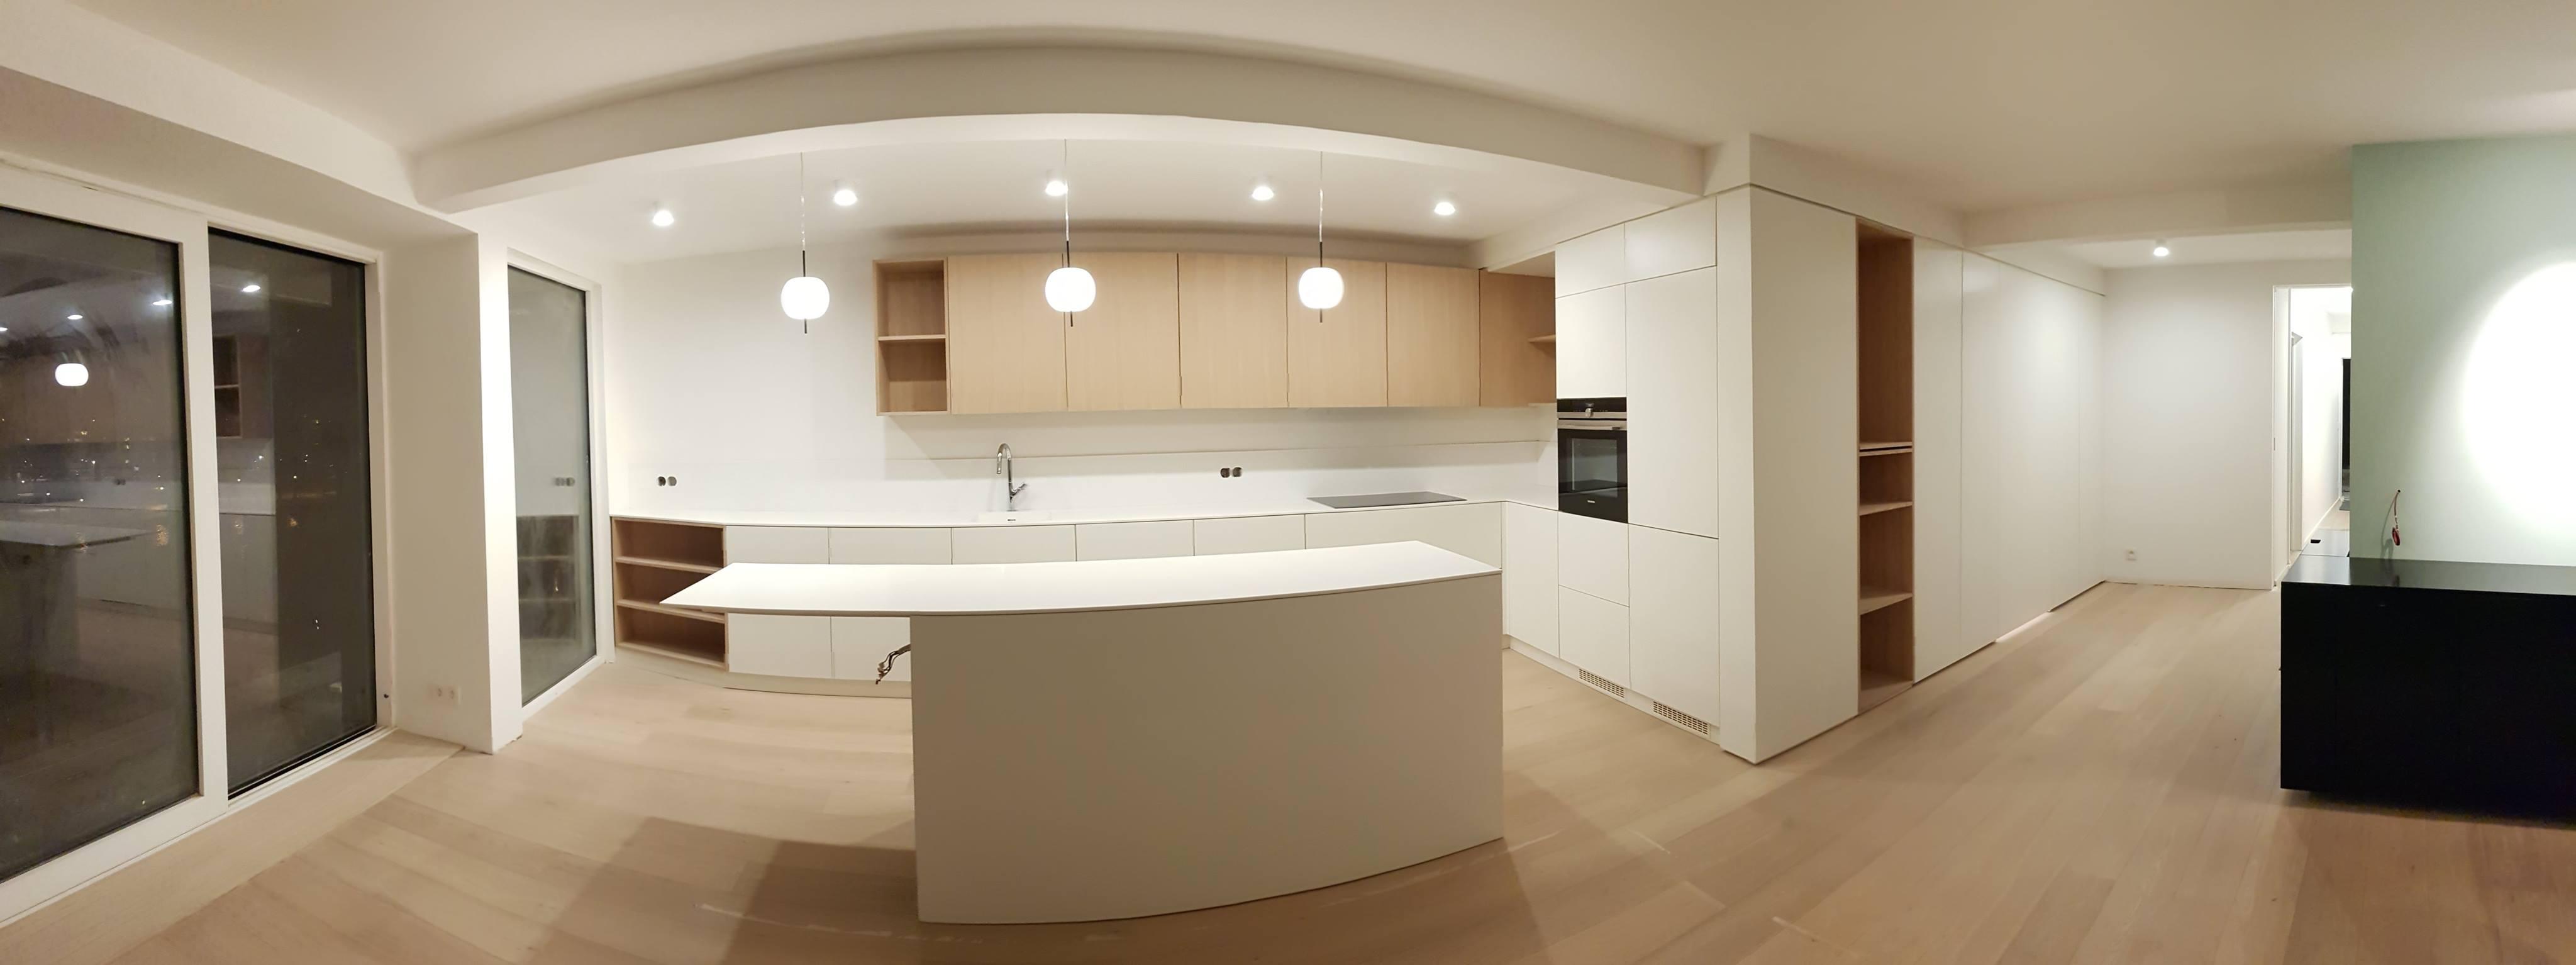 Faux Plafond Cuisine Ilot cuisine sur-mesure - intérieur leblicq